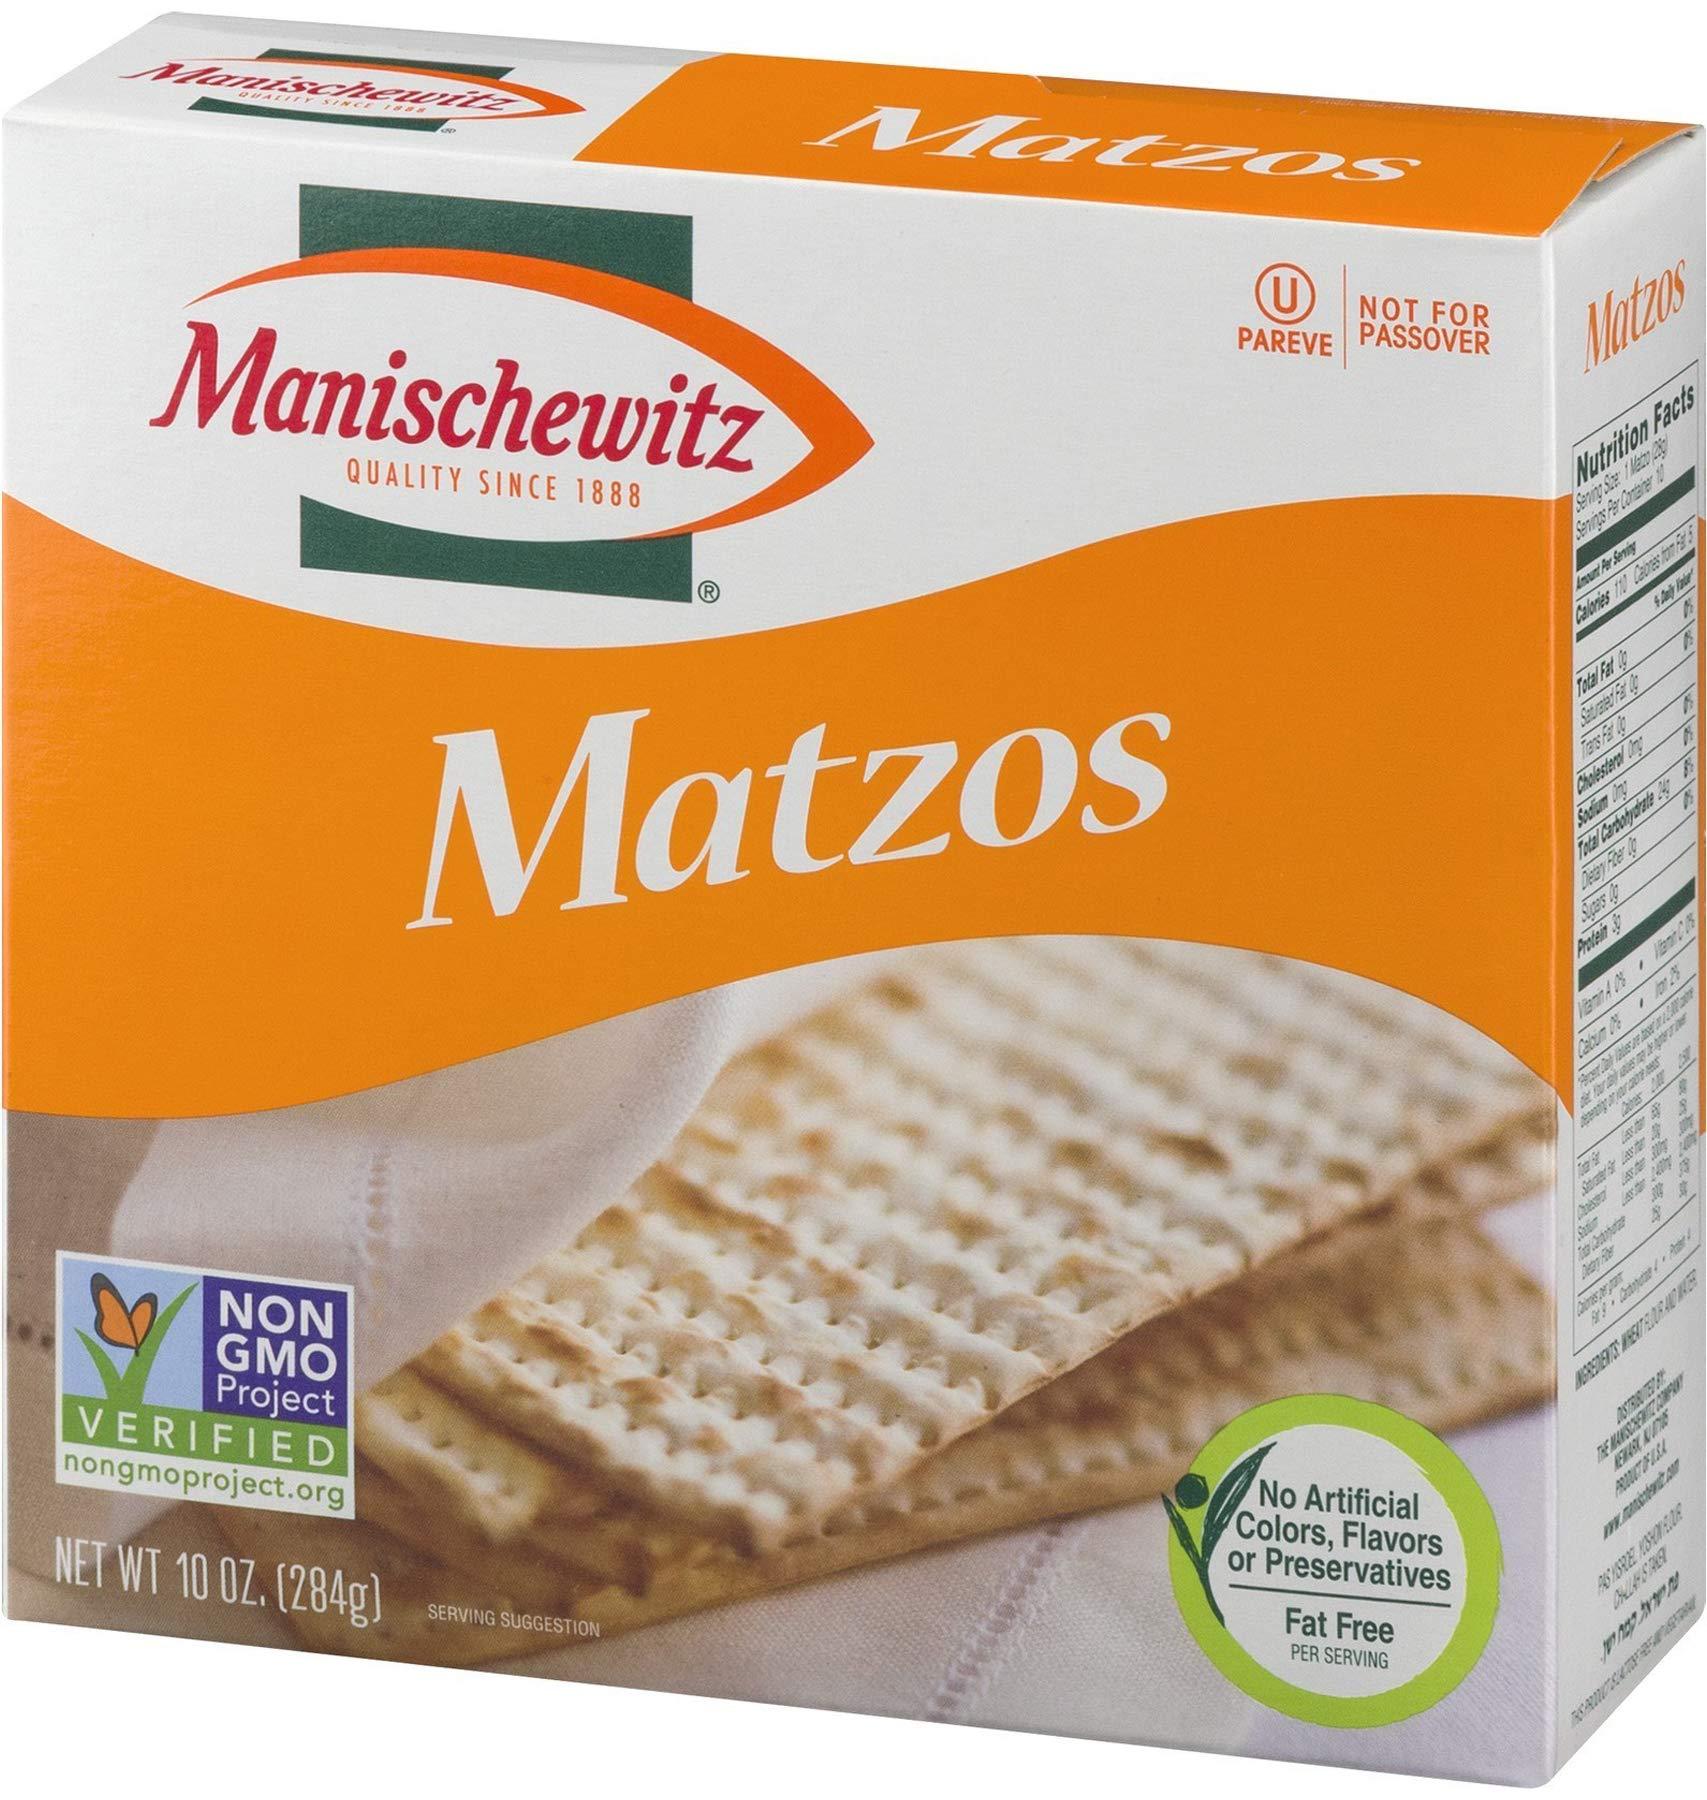 Manischewitz unsalted matzo, 10 oz (Single) by Manischewitz